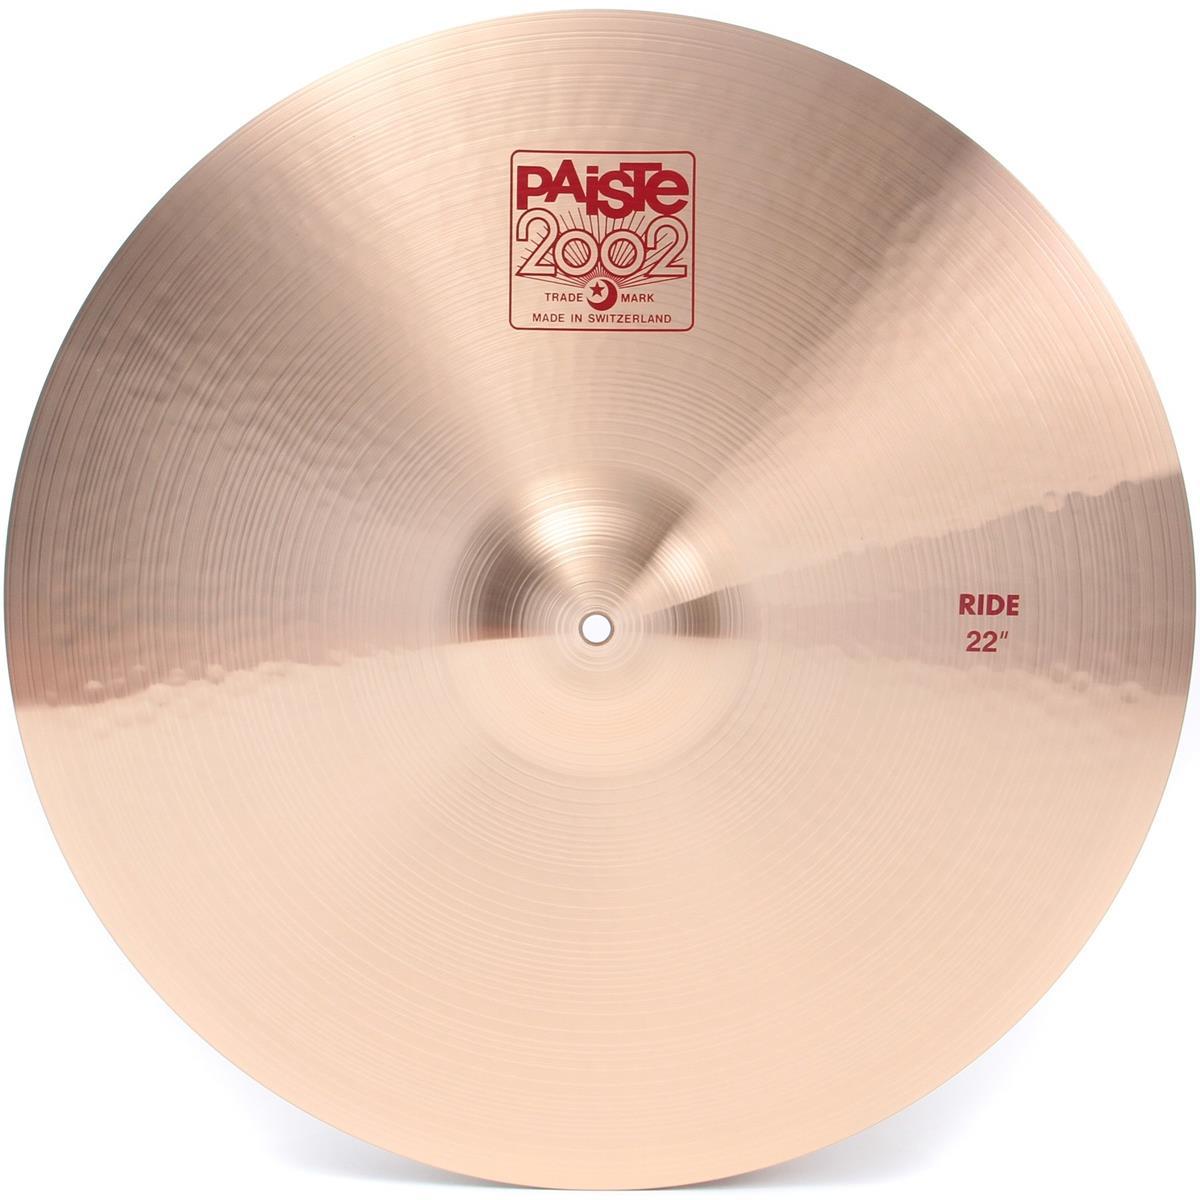 PAISTE-2002-RIDE-22-sku-183